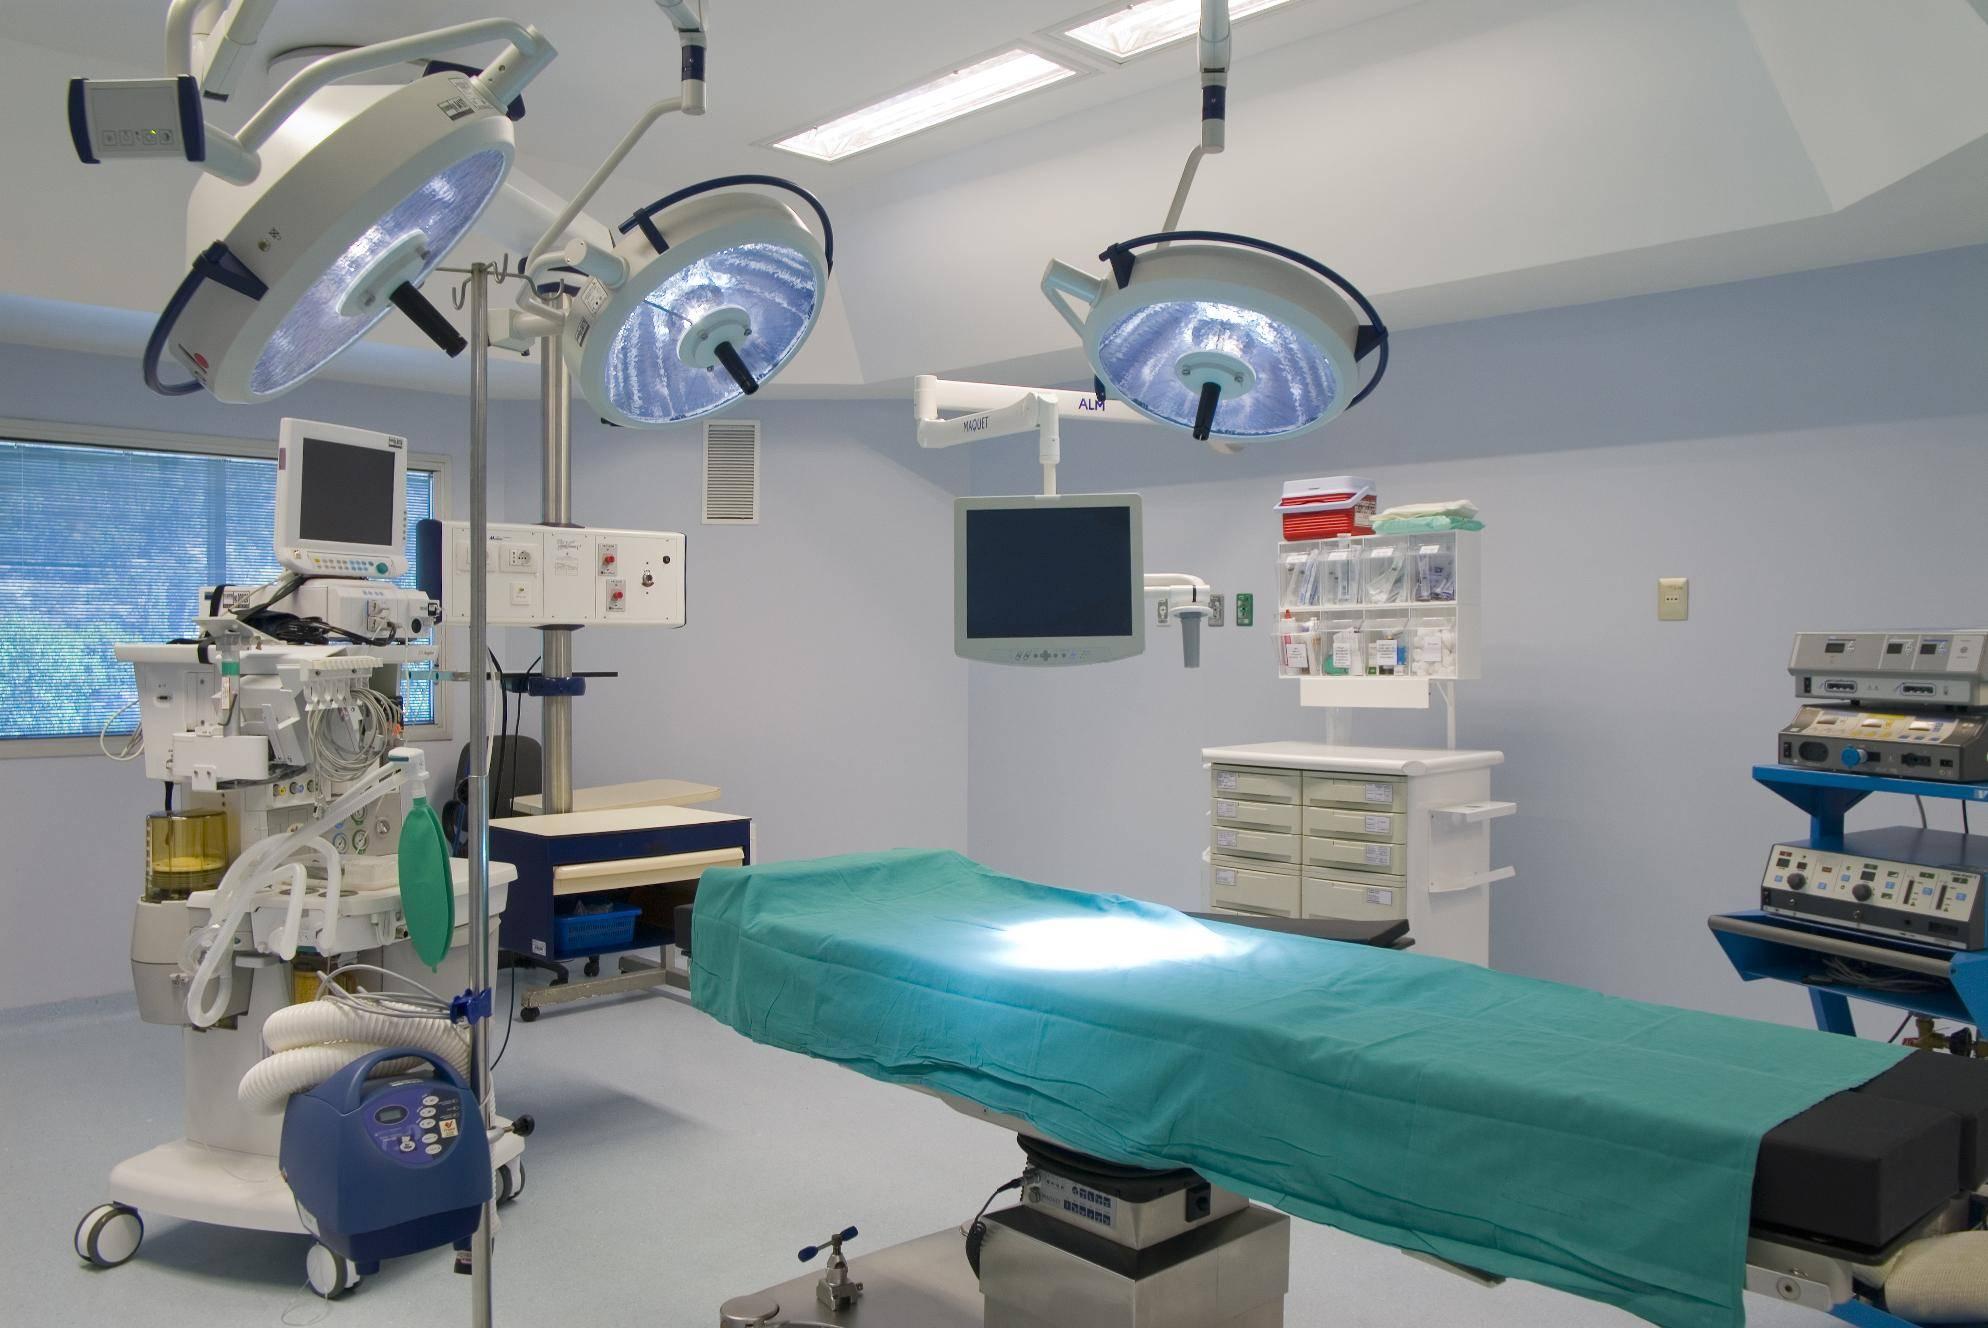 Лечение саркомы в германии, цены клиник, отзывы - docland